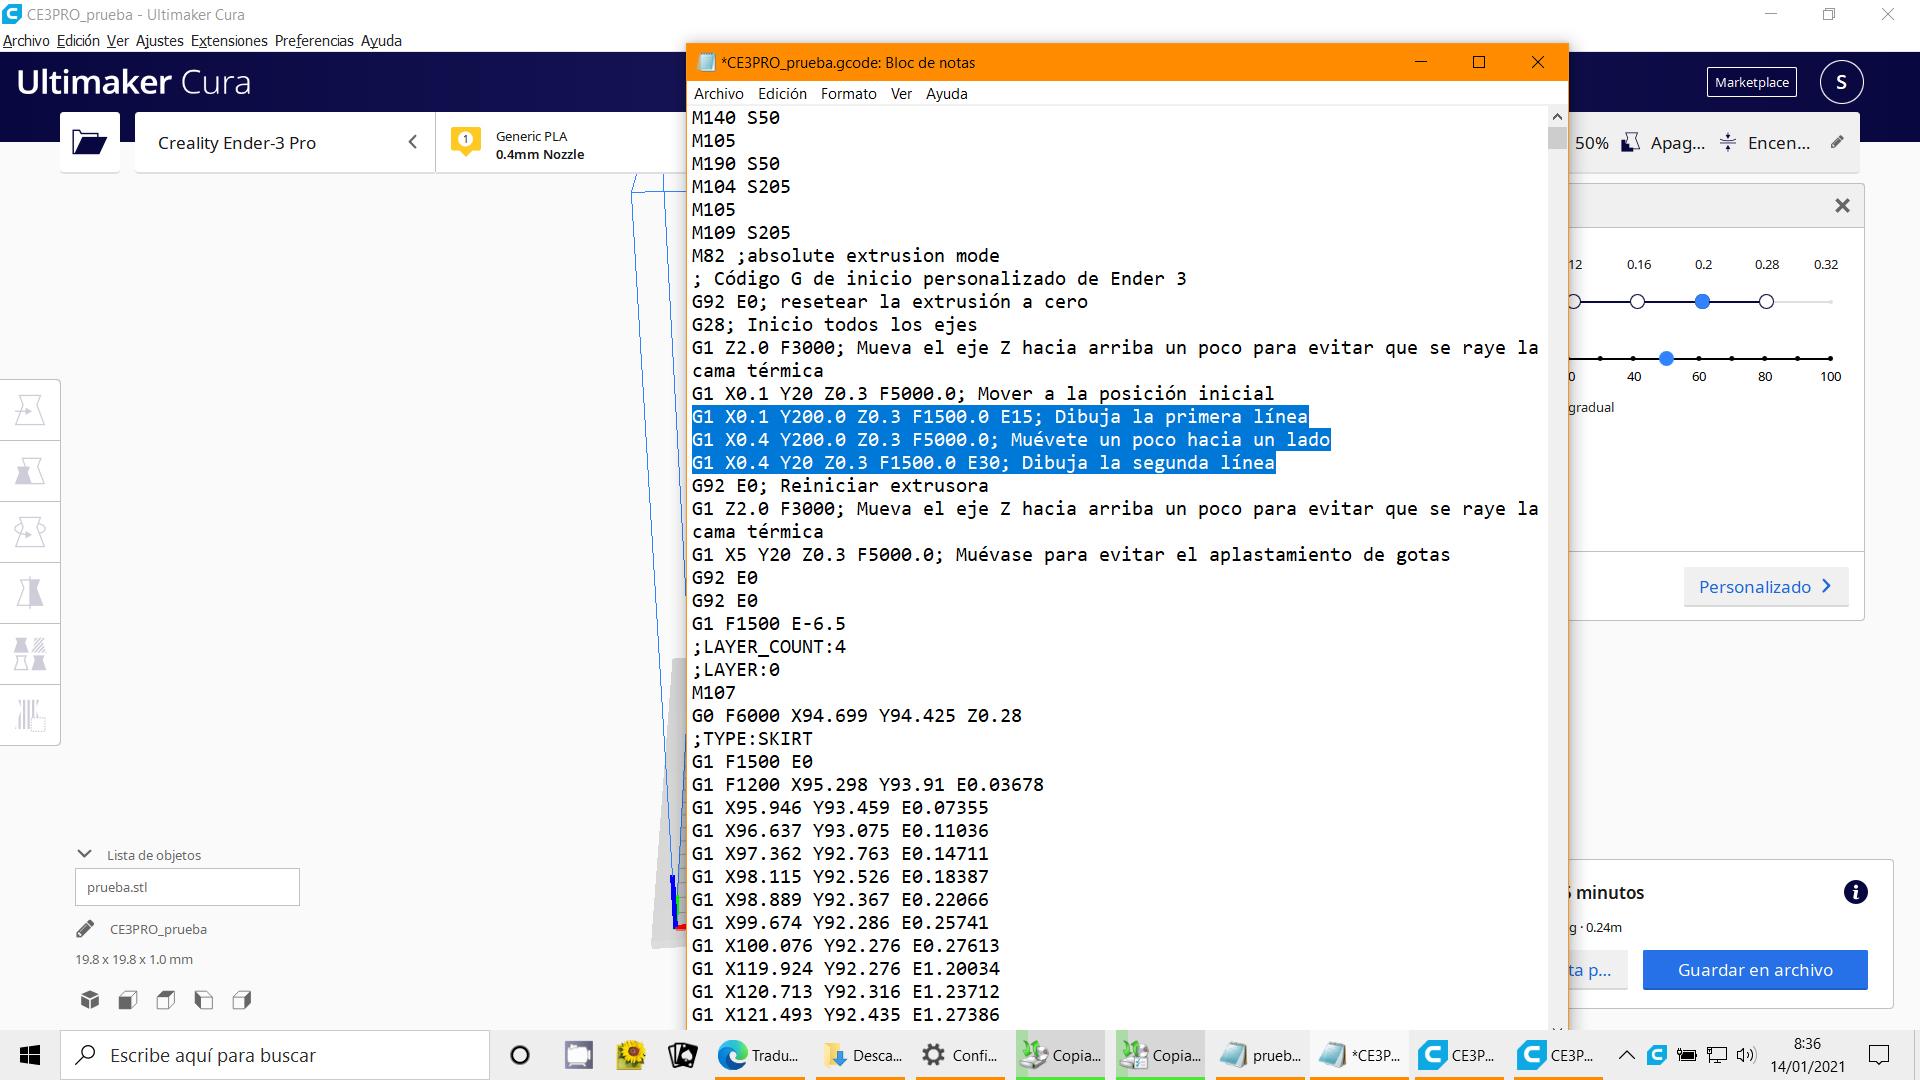 Modificar valor K-prueba_001.jpg